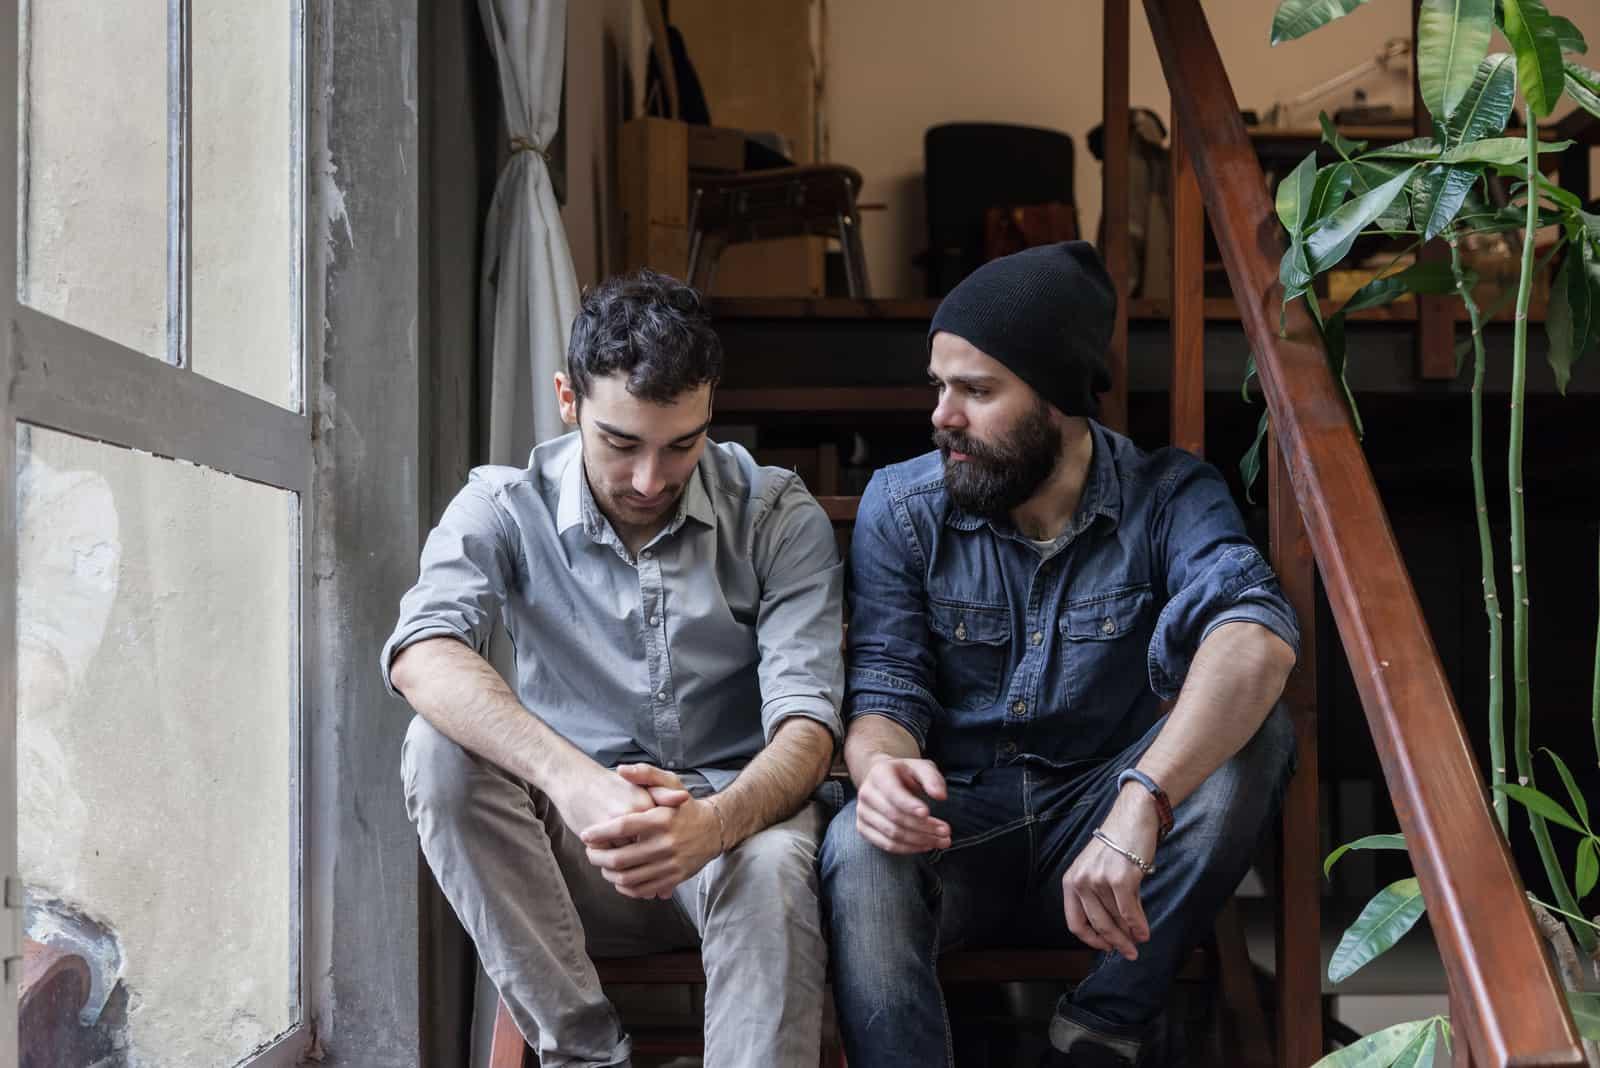 deux hommes assis et parlant